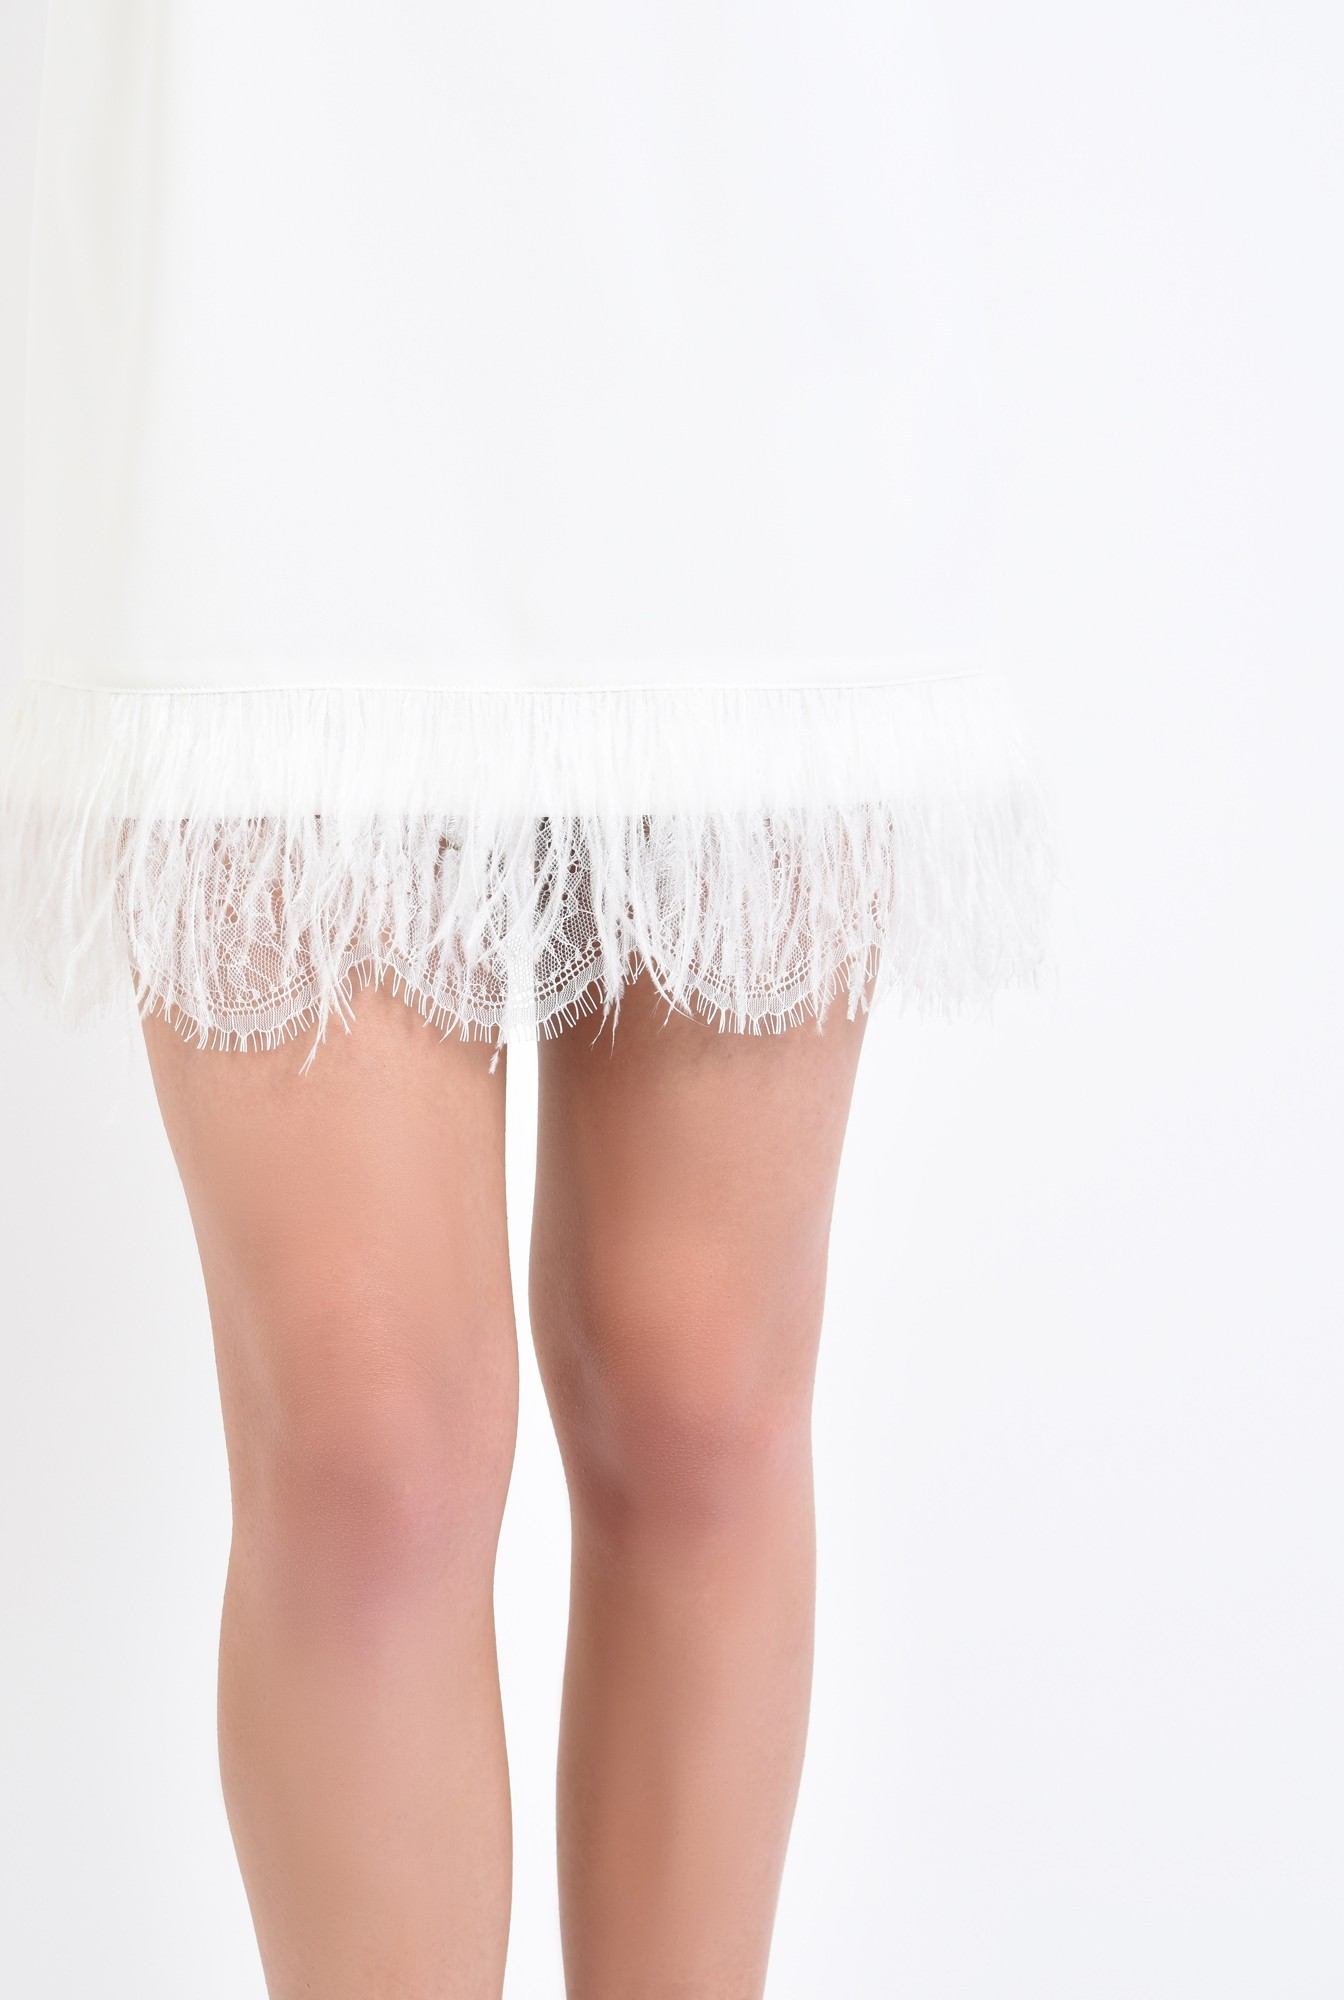 2 - rochie eleganta, scurta, alba, pene de strut